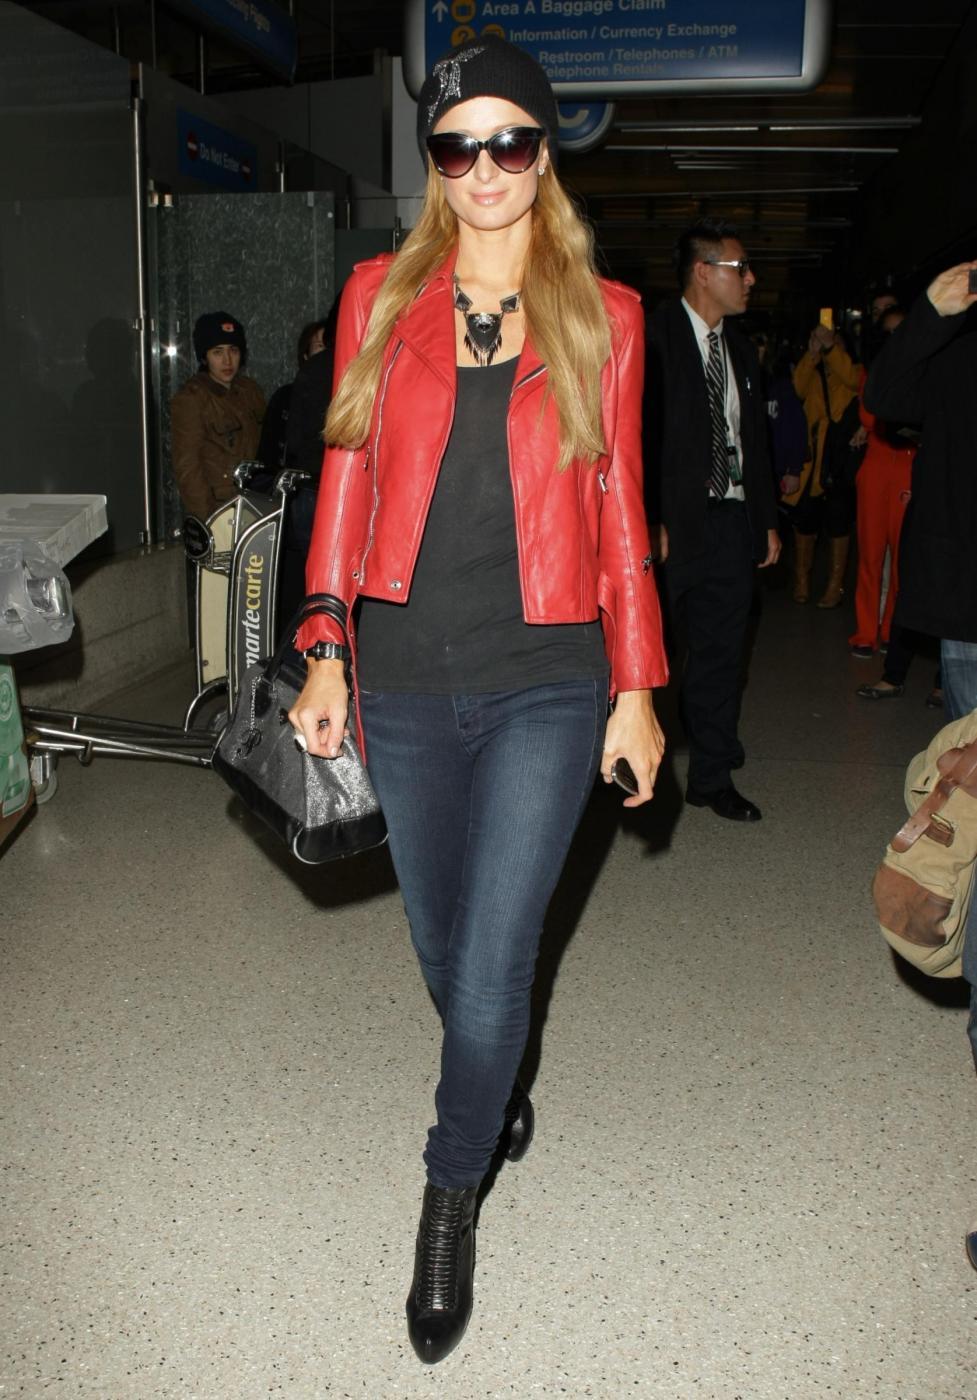 Paris Hilton in giacca di pelle rossa all'aeroporto05